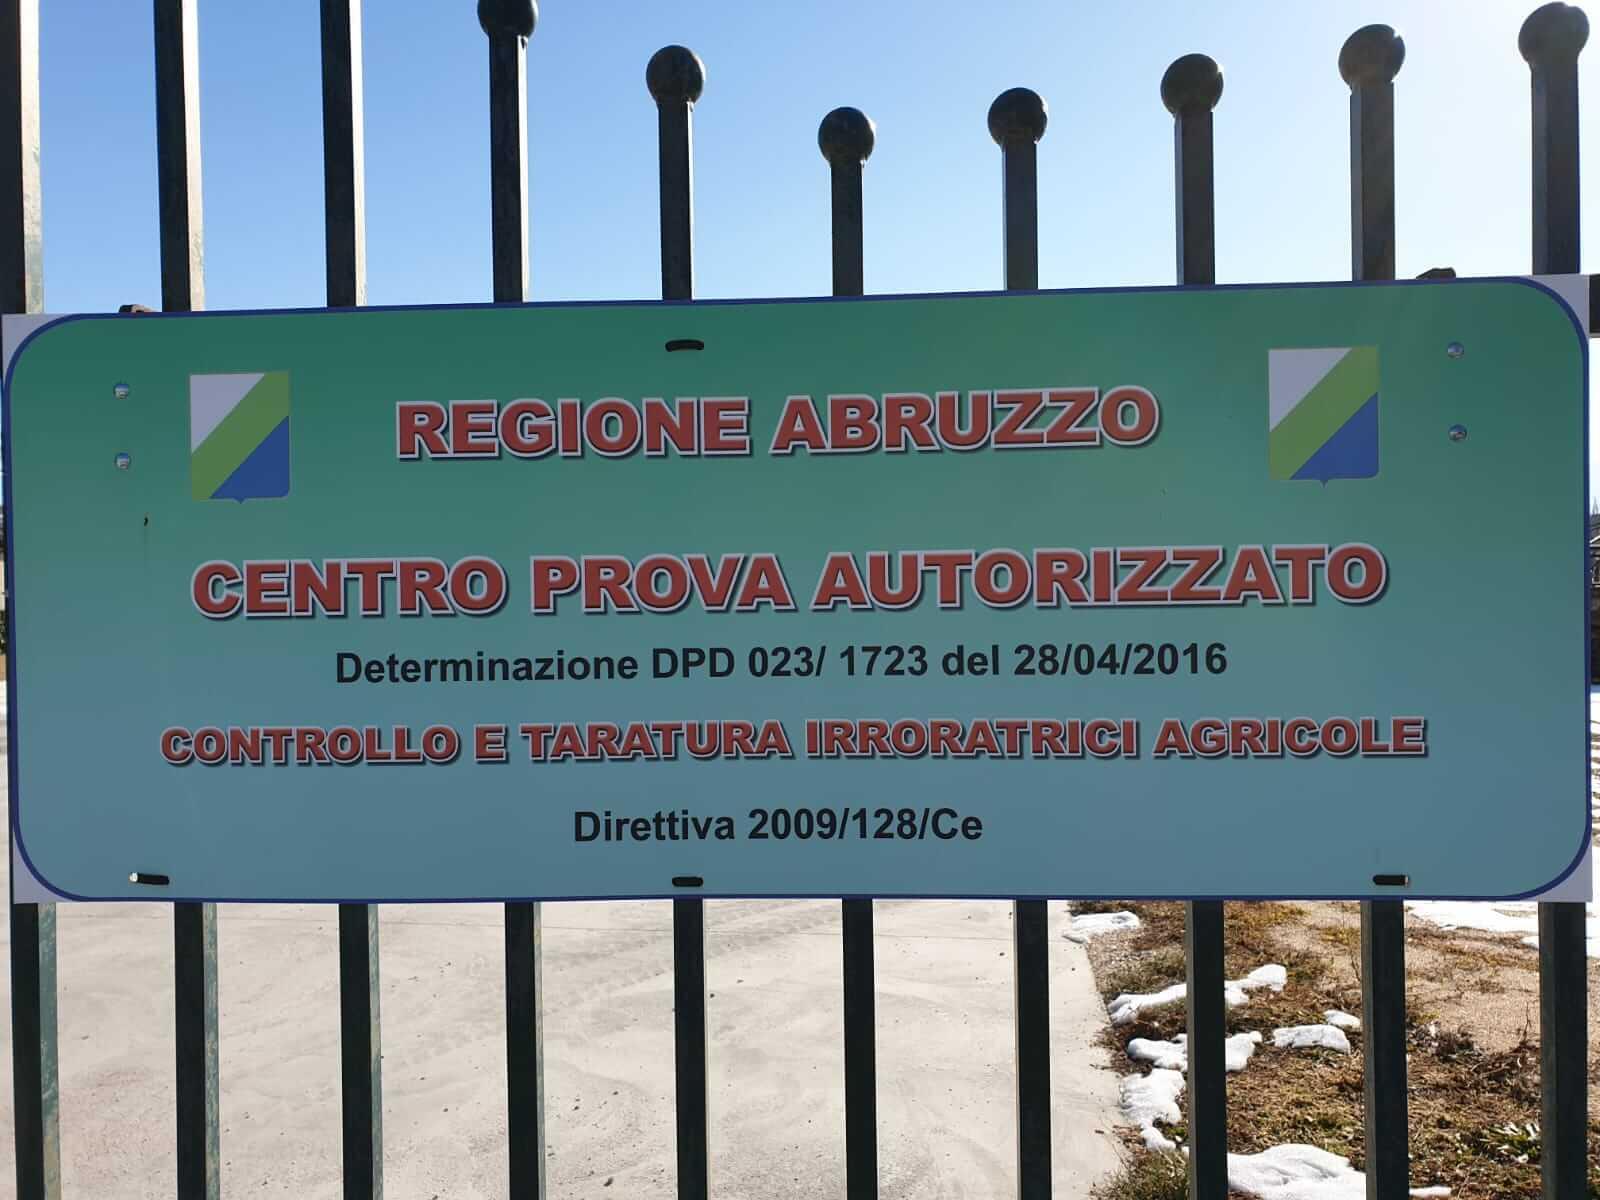 centro prova autorizzato regione Abruzzo